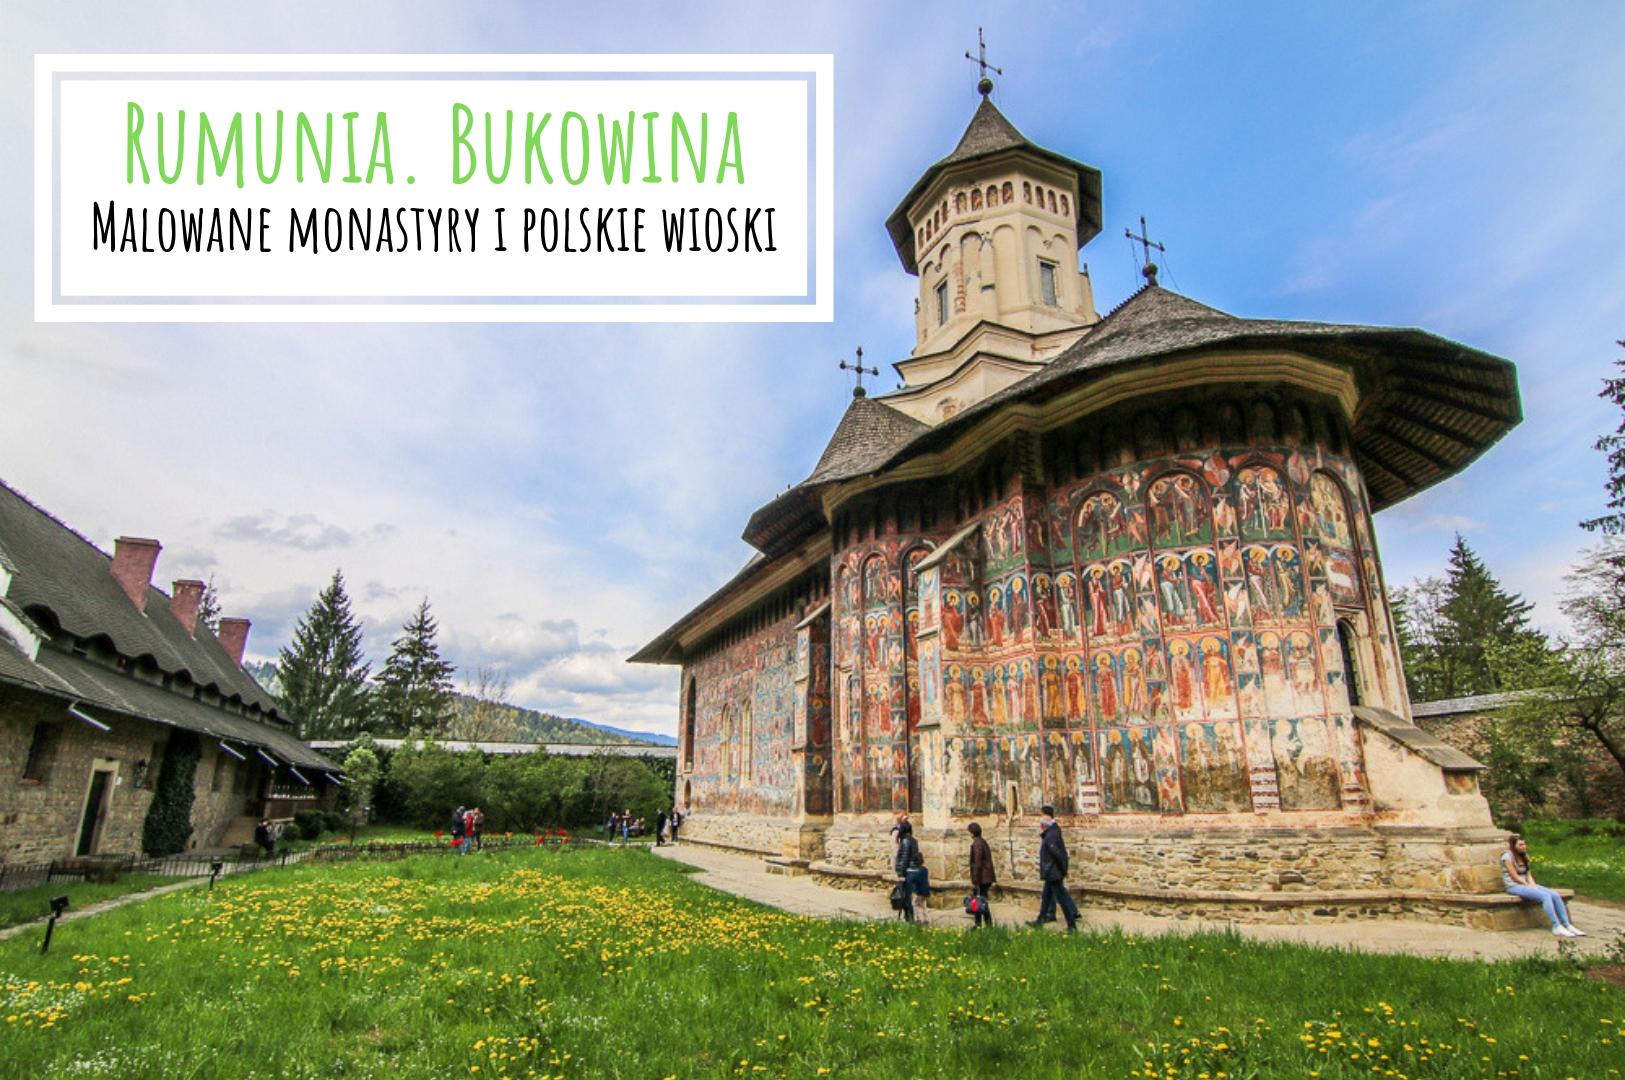 rumunia_bukowina